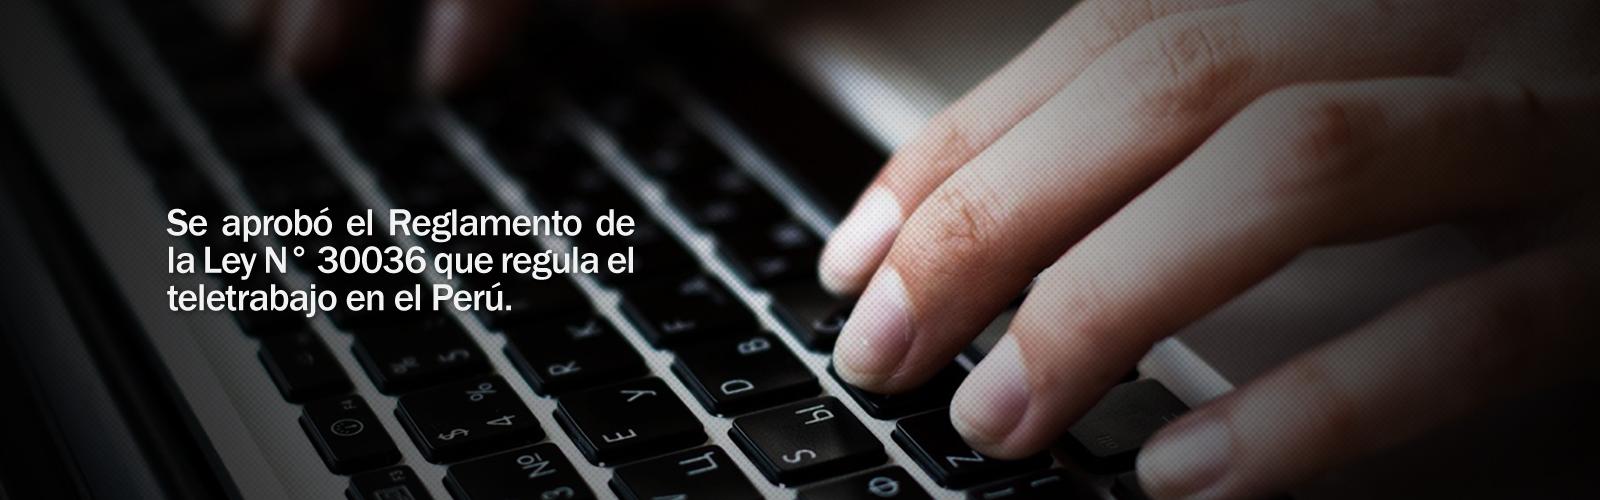 web-teletrabajo01